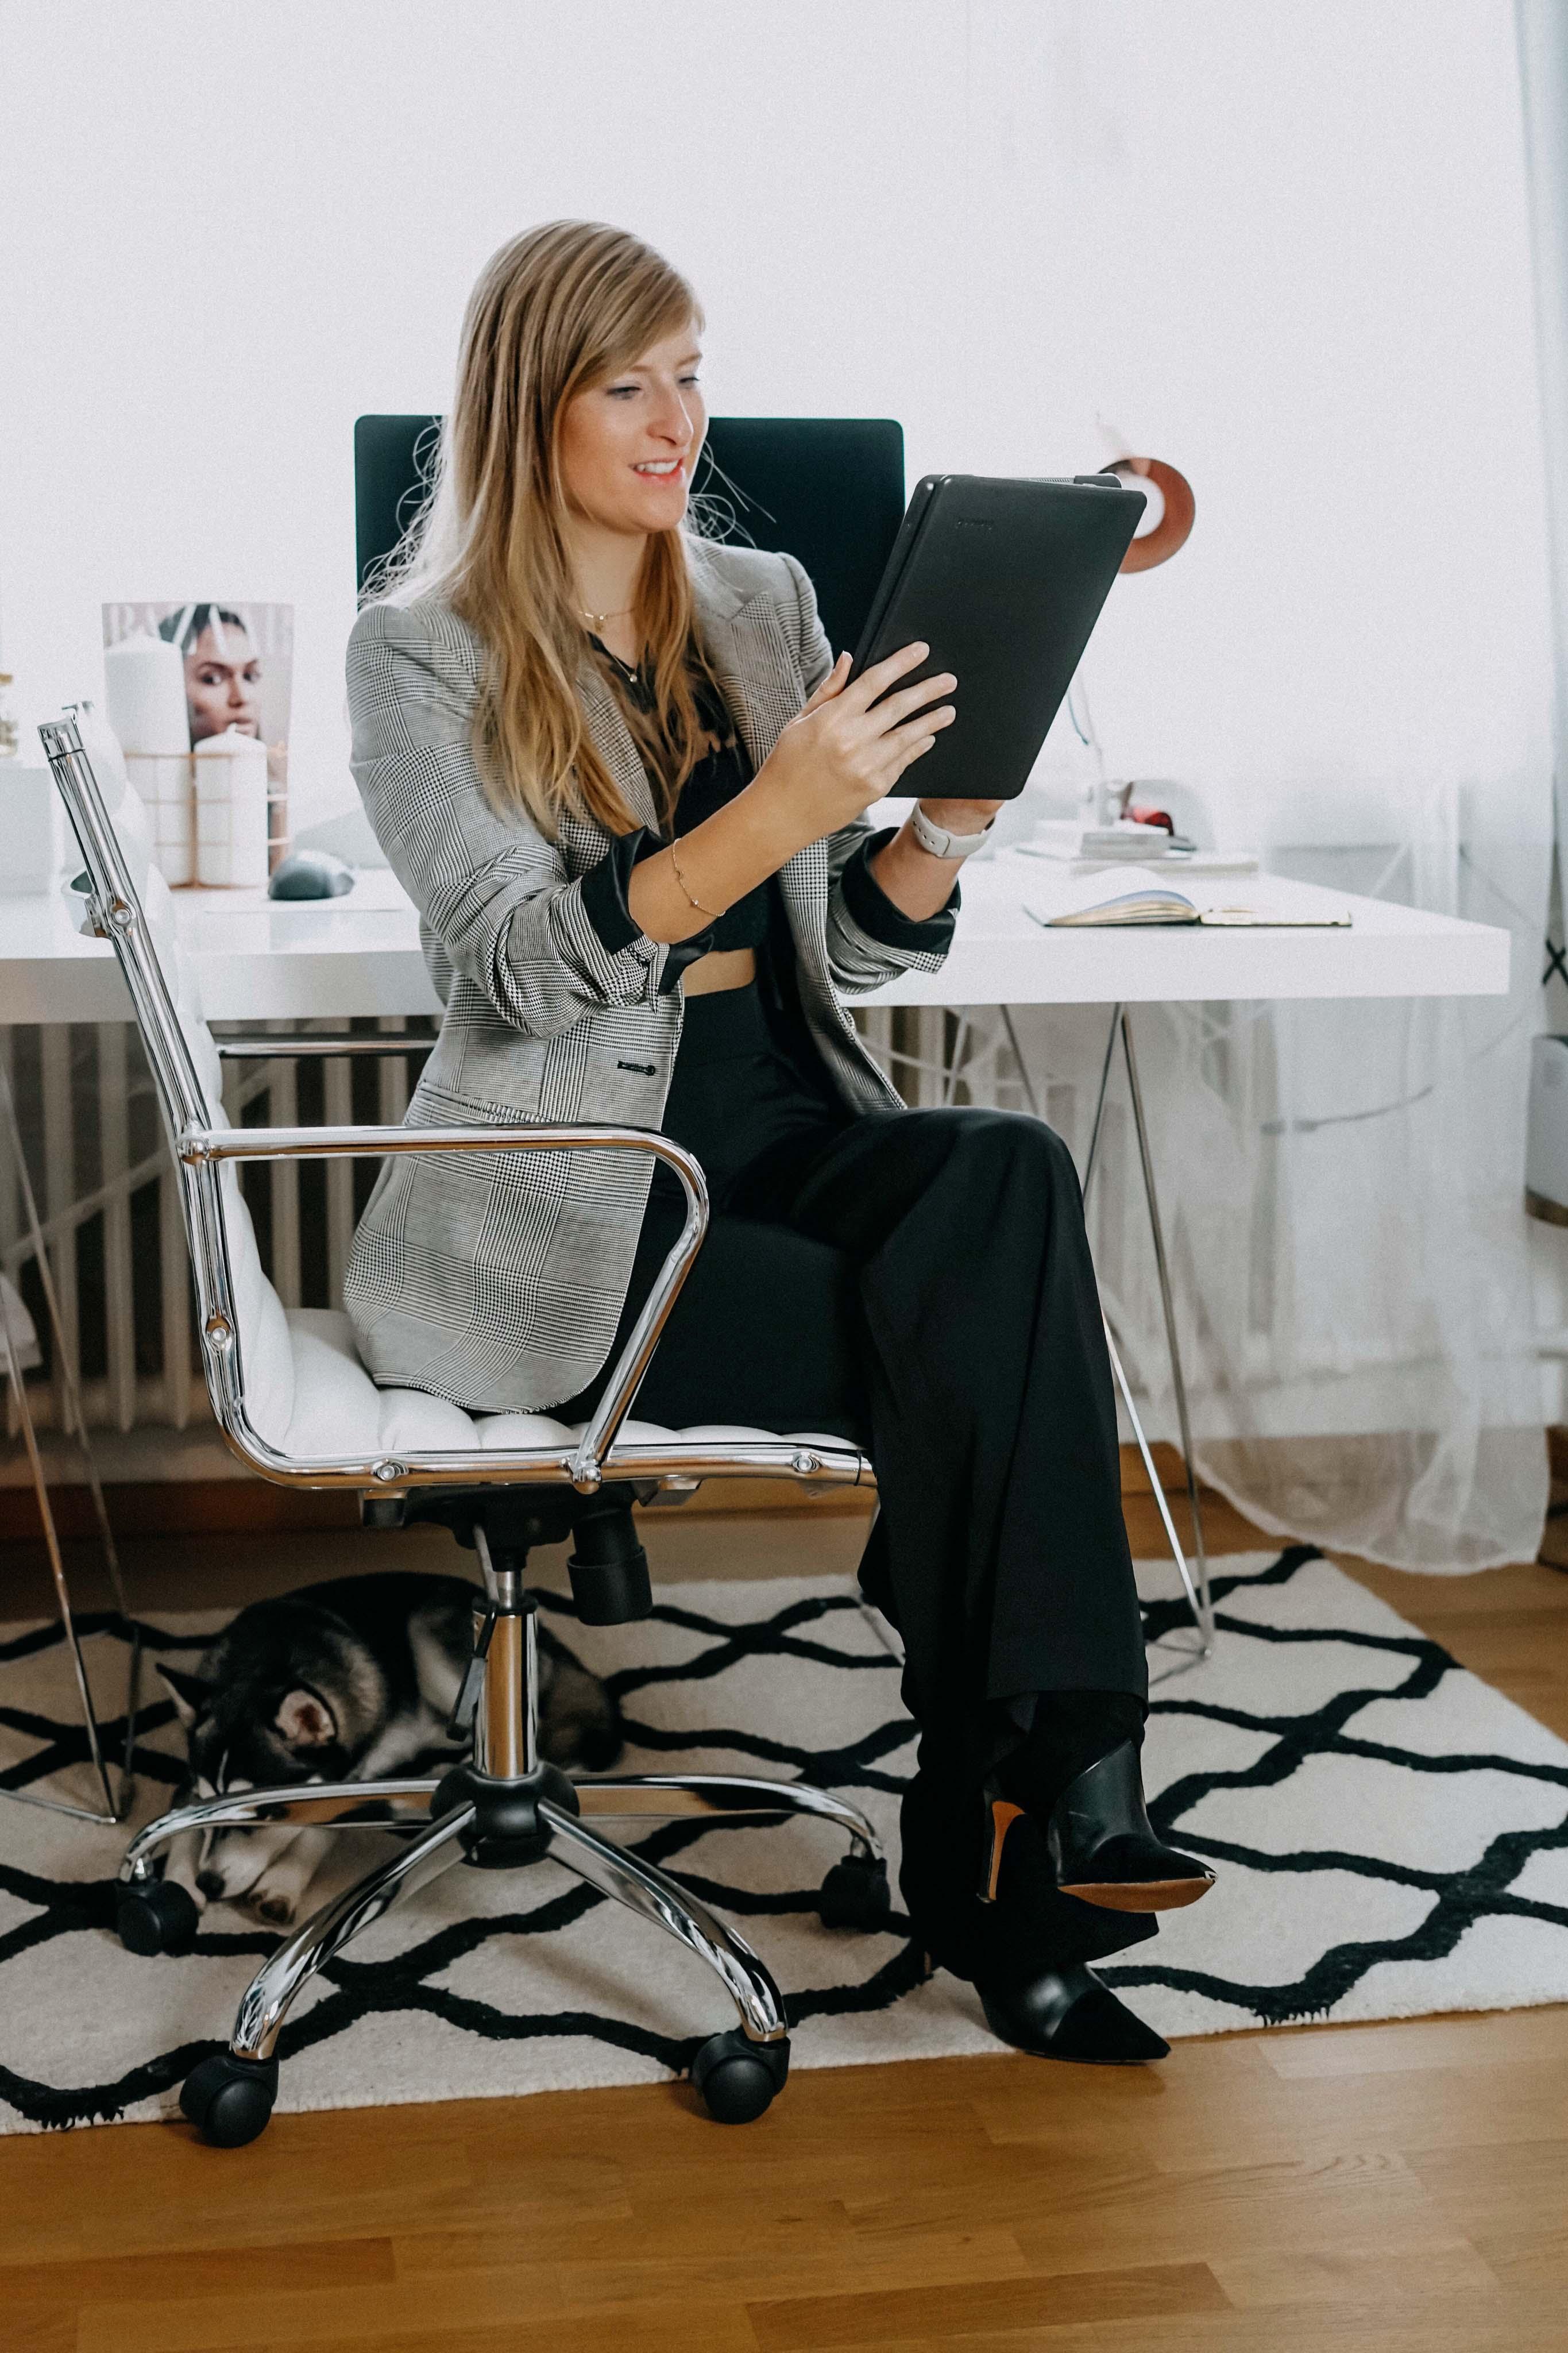 Karriere Tipp Vortrag halten Management Meetings Business Women Karrierefrau Was beachten Vortrag Regeln-2